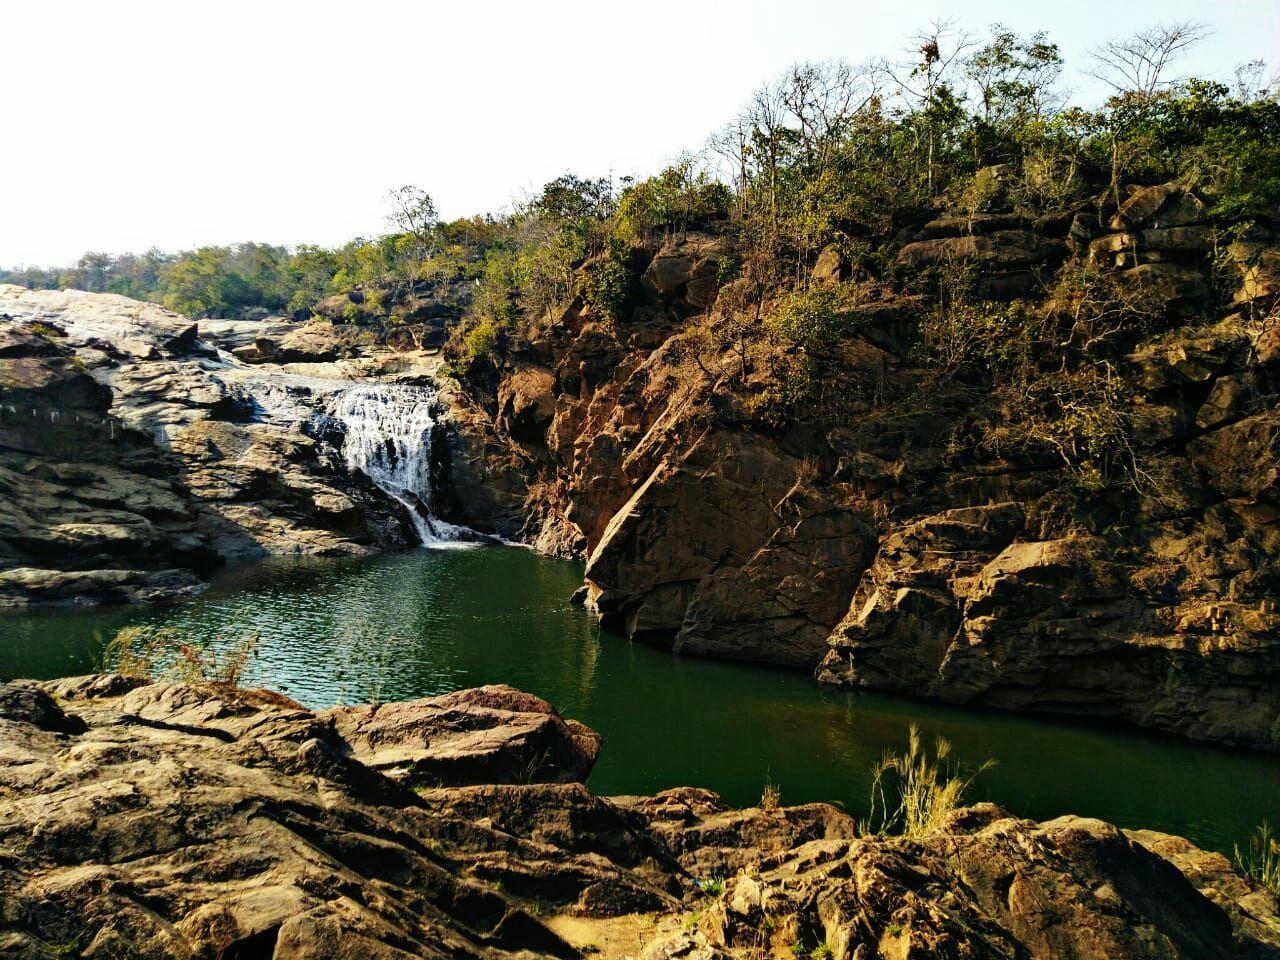 Photo of Perwaghagh Waterfall By Sandeep Kumar